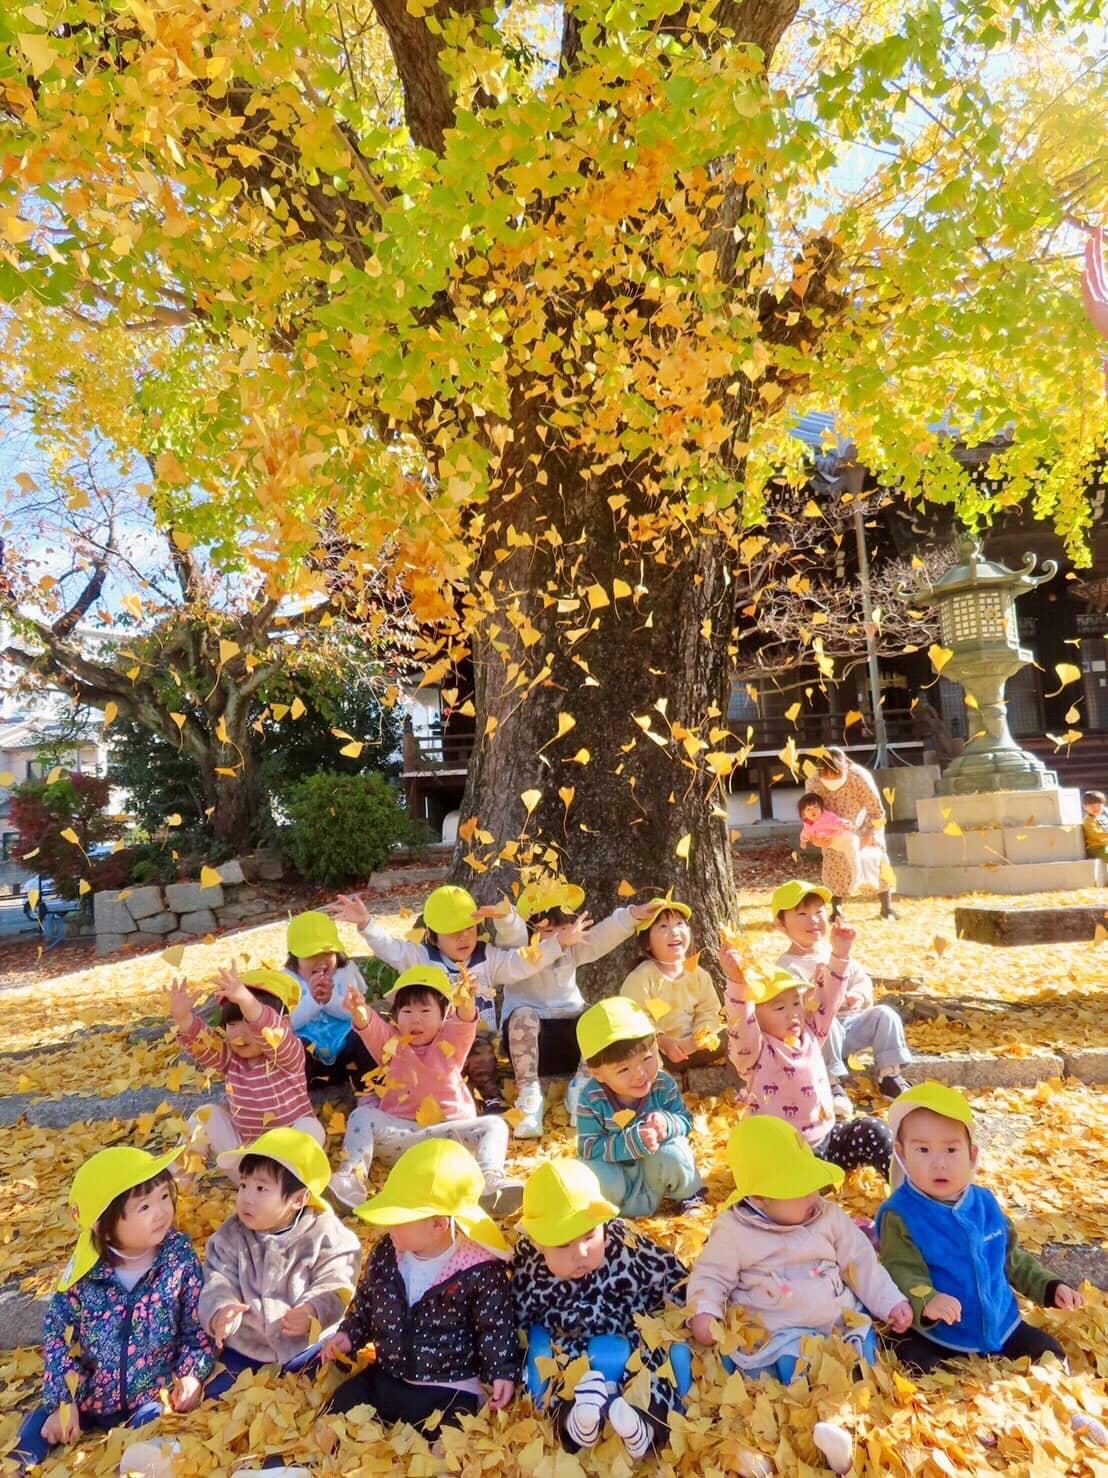 保護中: 12月も元気いっぱいの子どもたち✨山科園 キャッチ画像